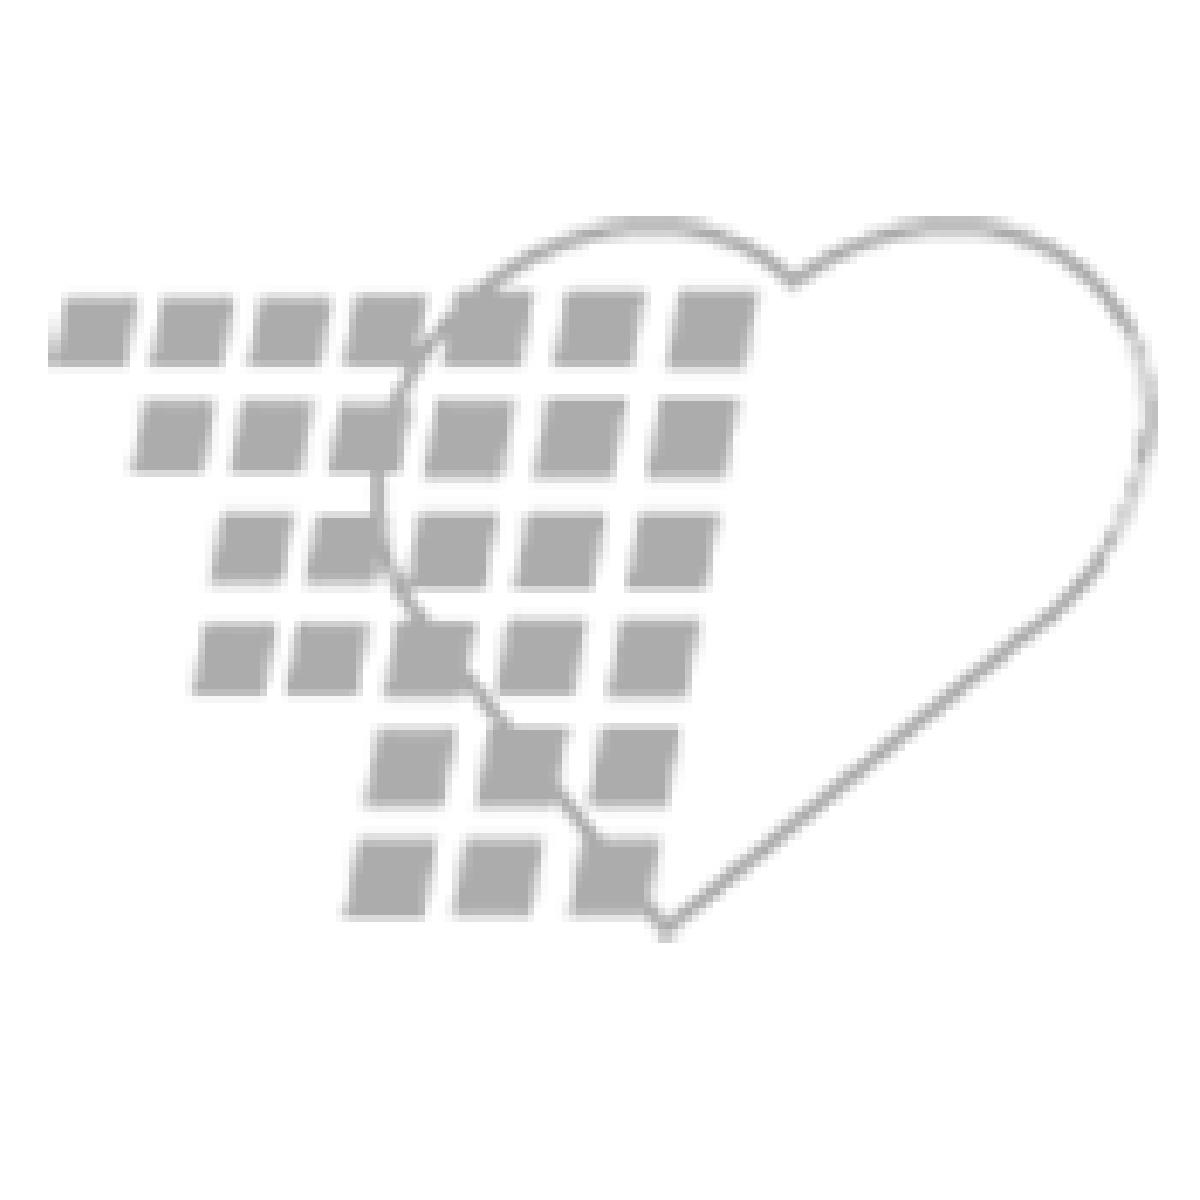 12-81-0009-BRN - SimLeggings® Pediatric One Year Old Pair - Brown